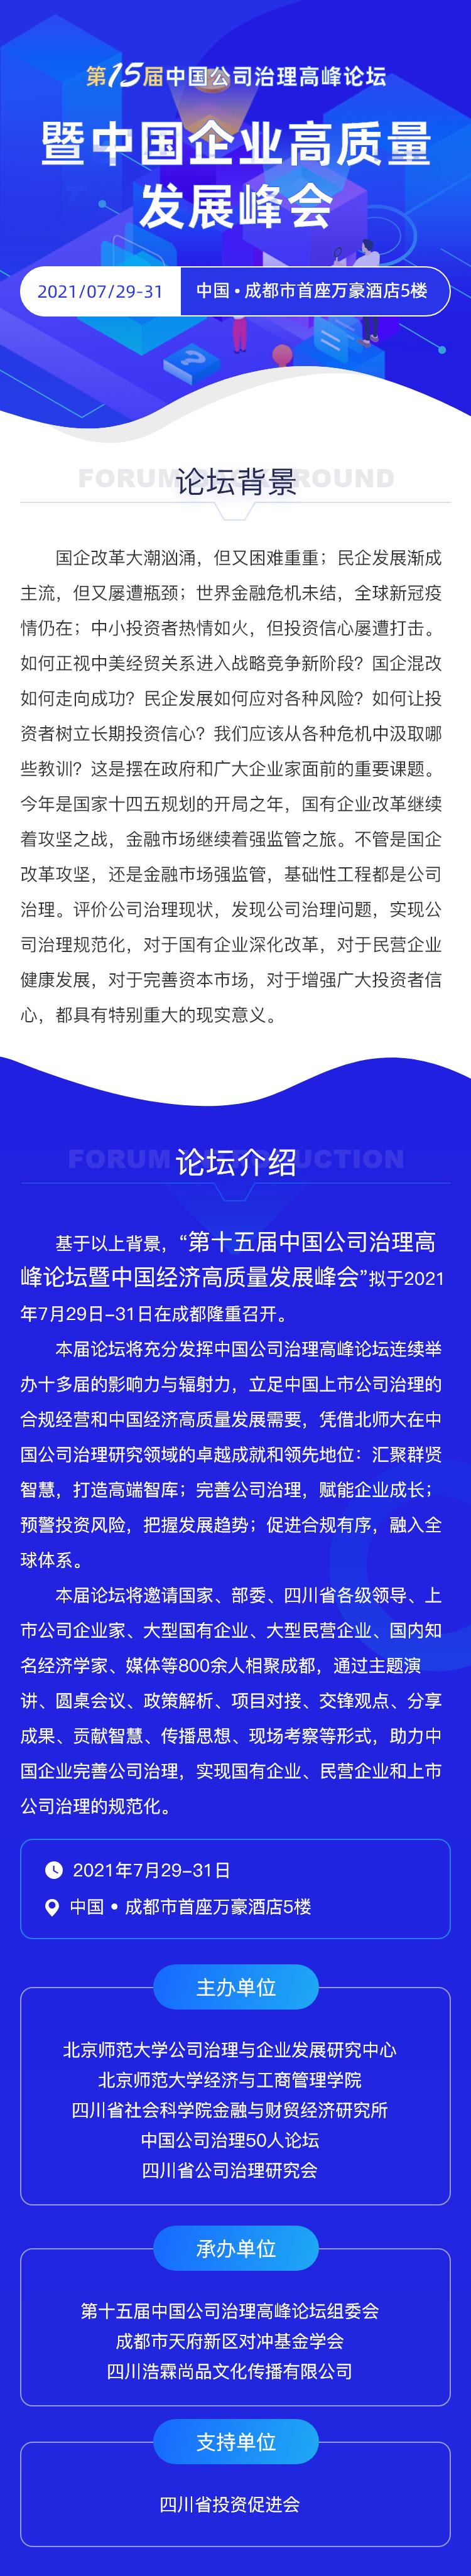 第十五屆中國公司治理高峰論壇暨中國企業高質量發展峰會